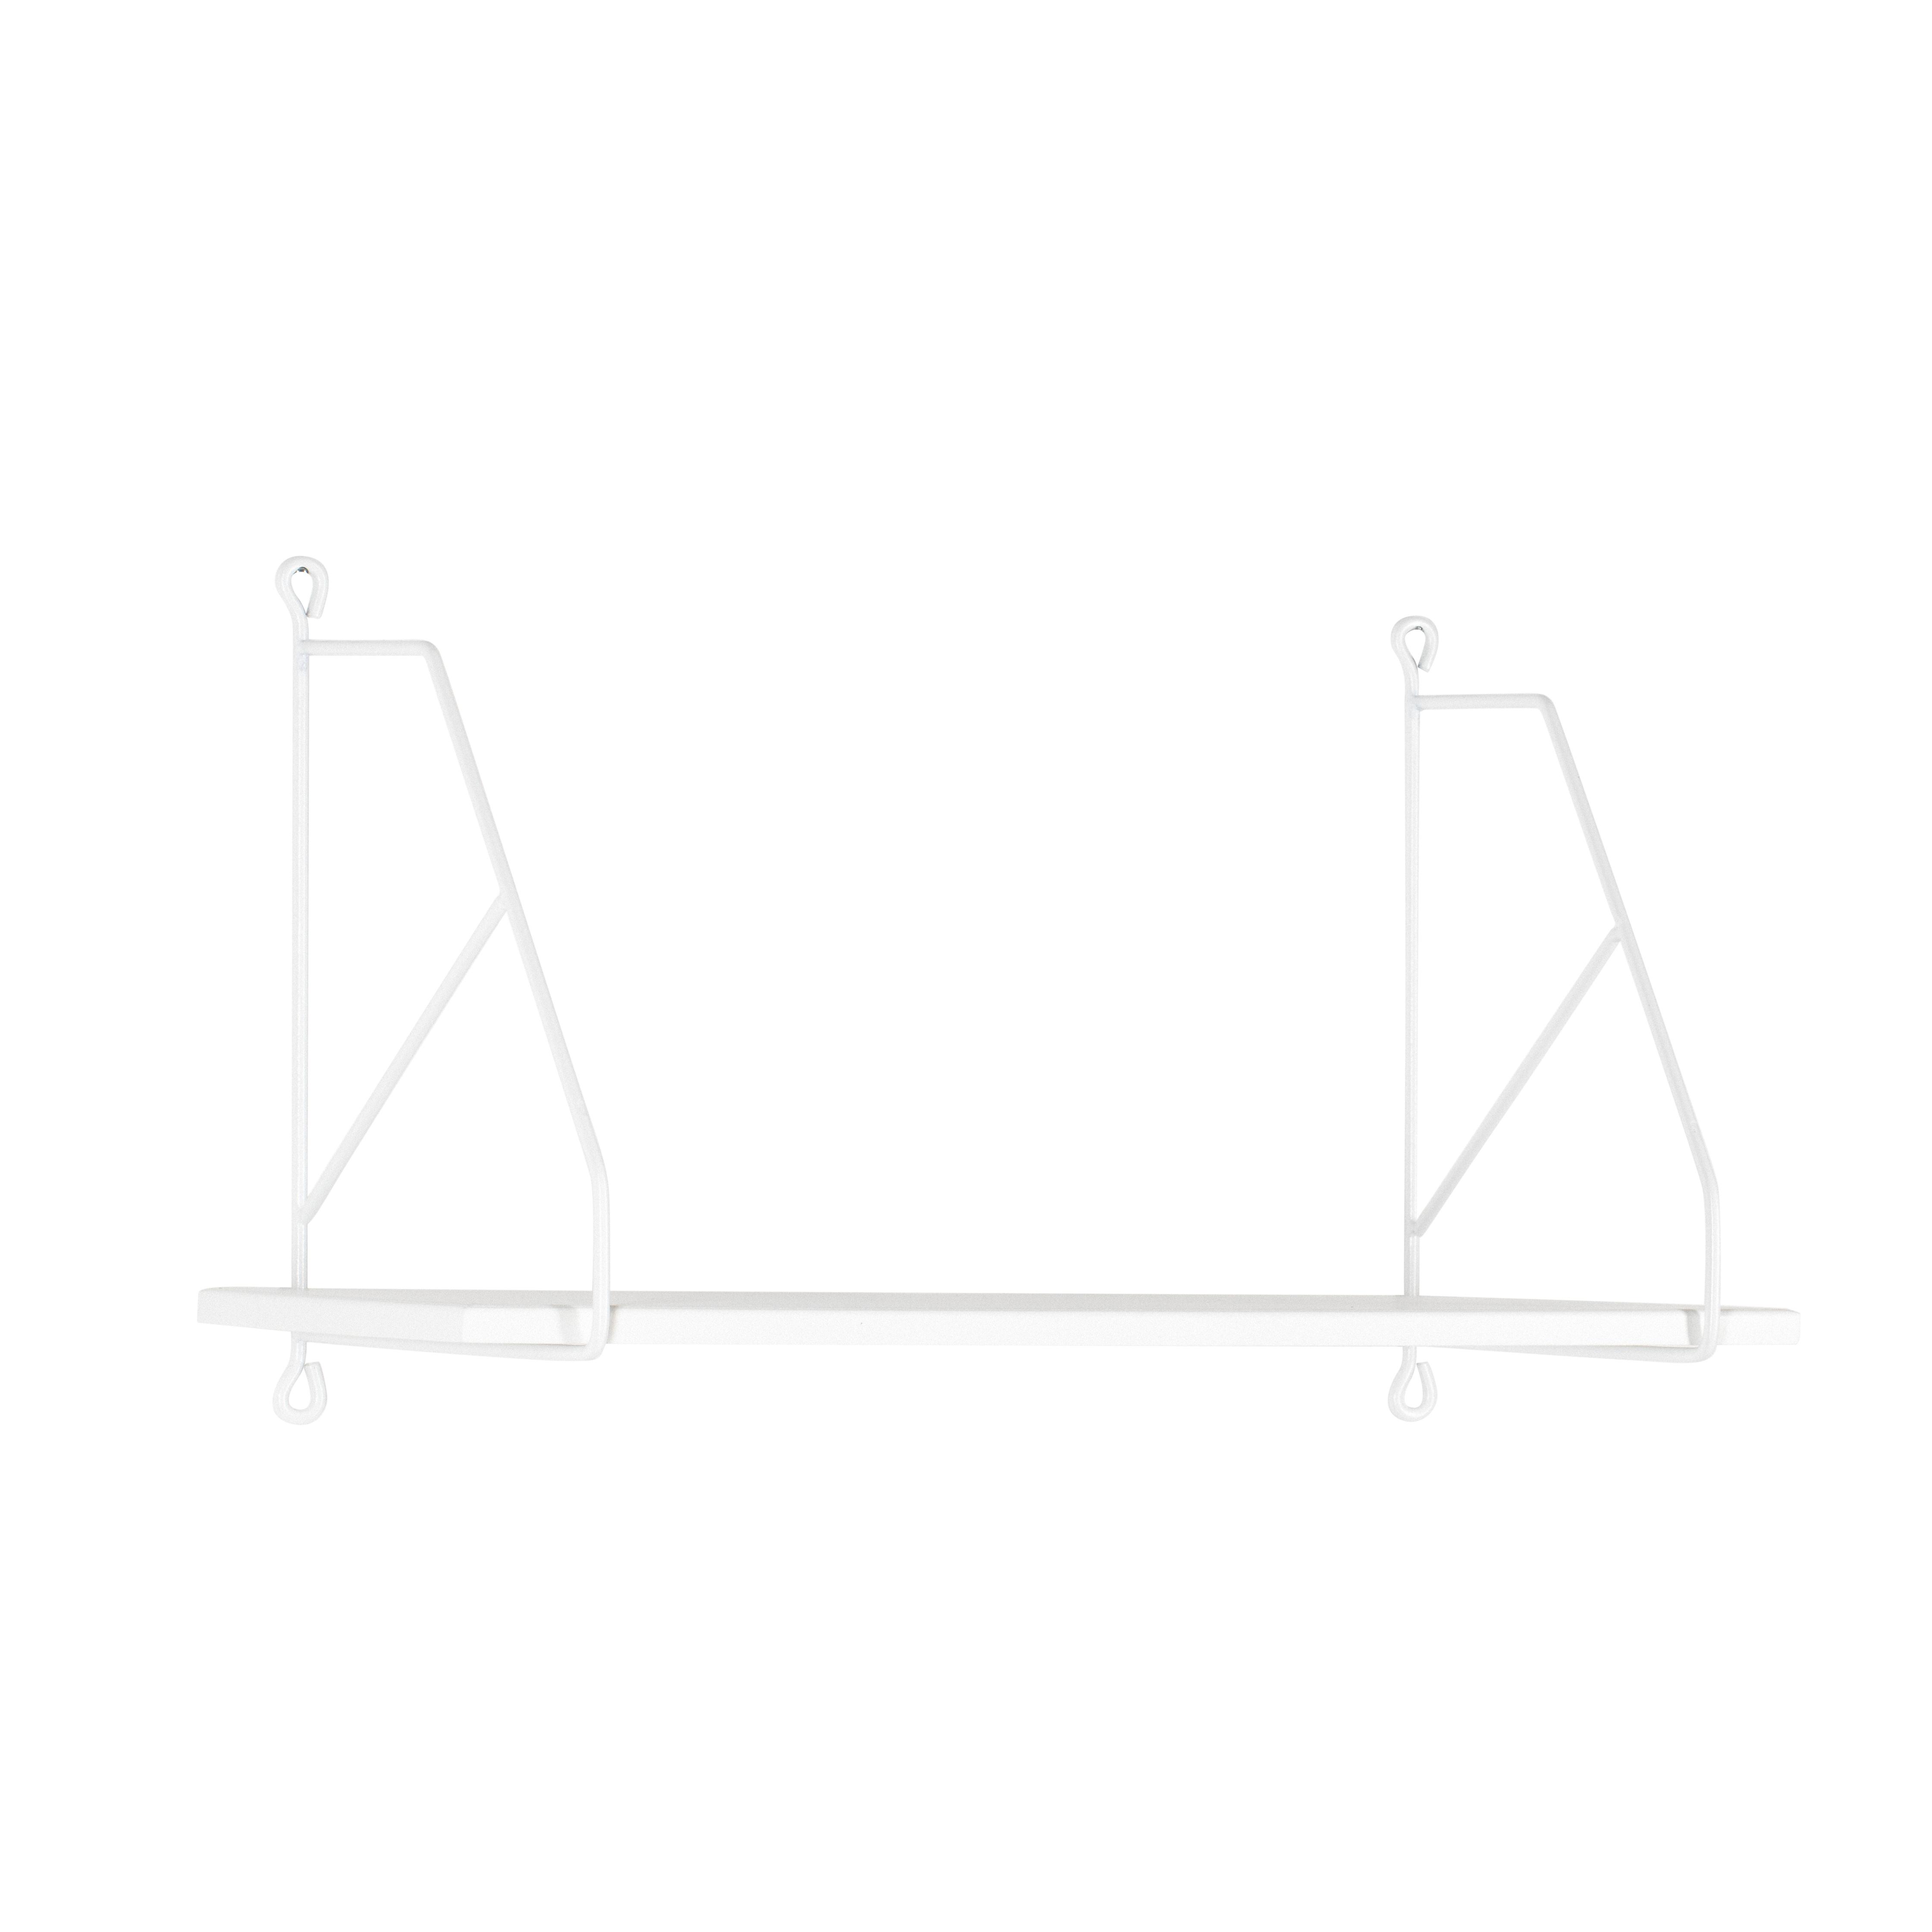 Uvanlig Hylle Karina enkel | Kremmerhuset JQ-72